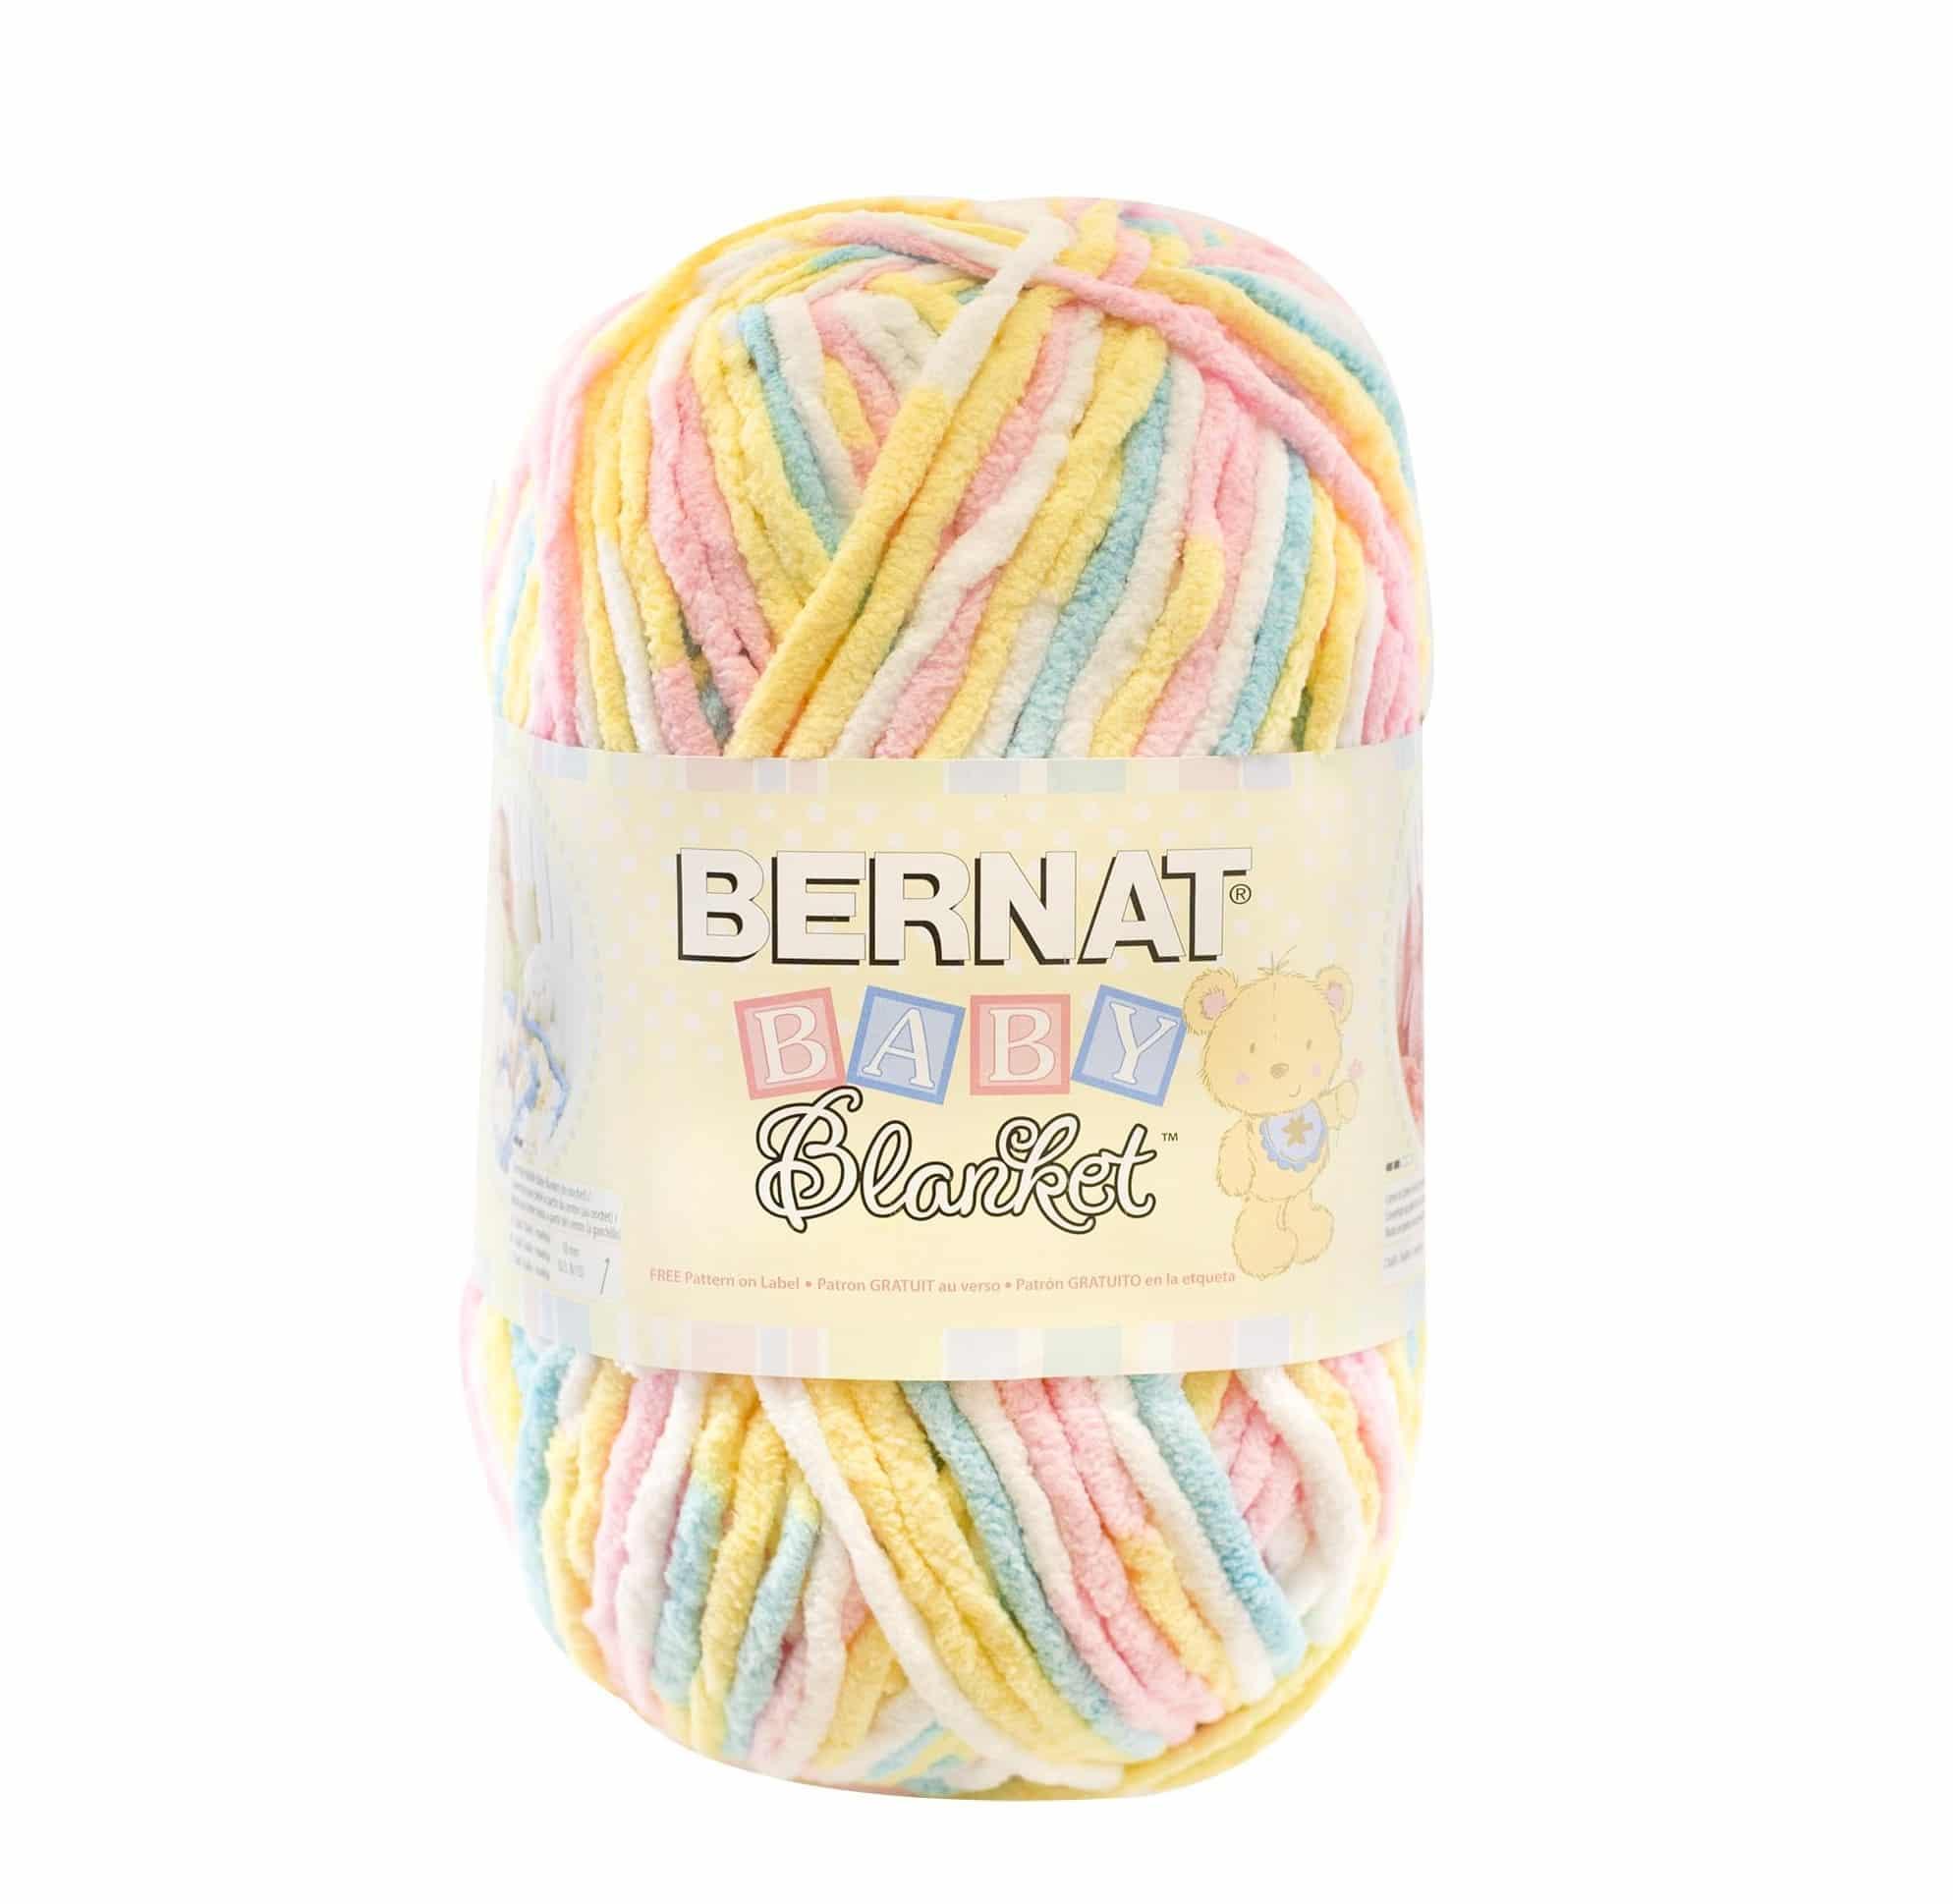 Bernat Yarn Design